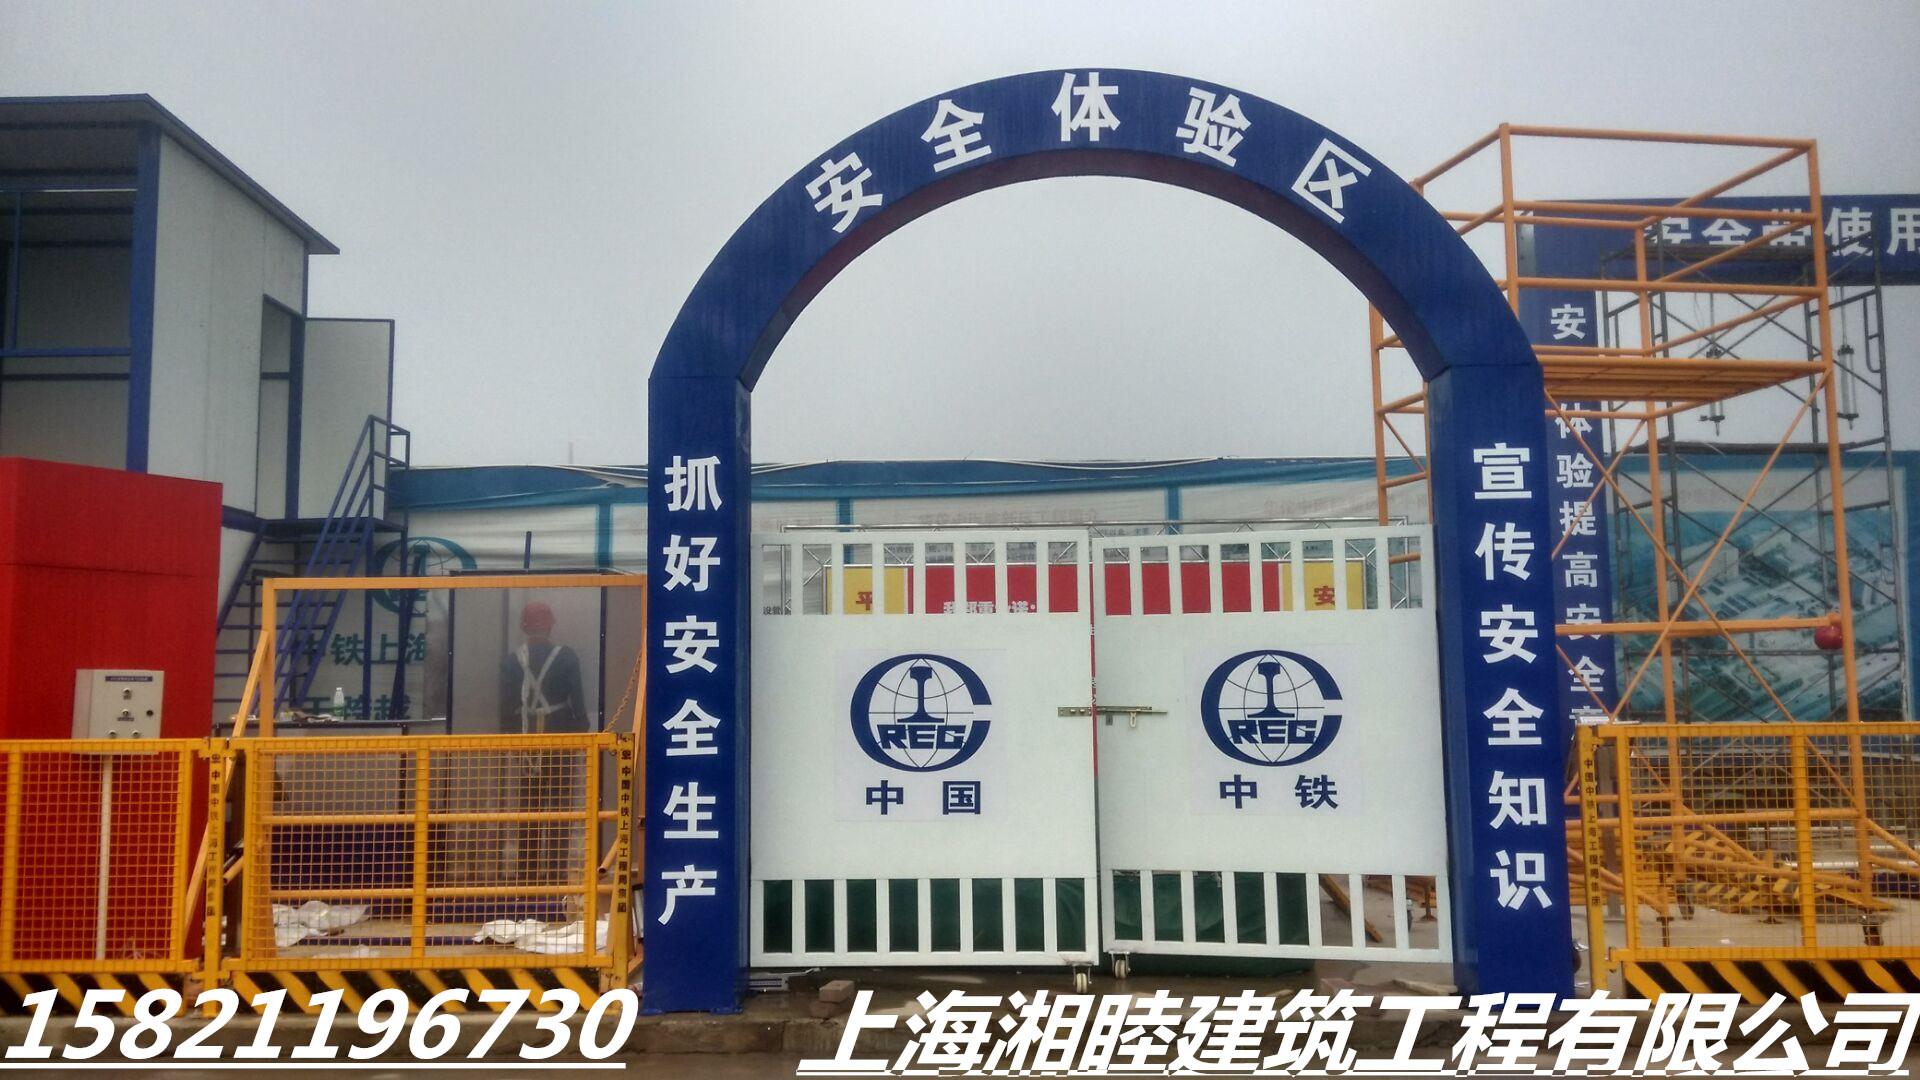 内蒙古自治区消防灭火体验馆区